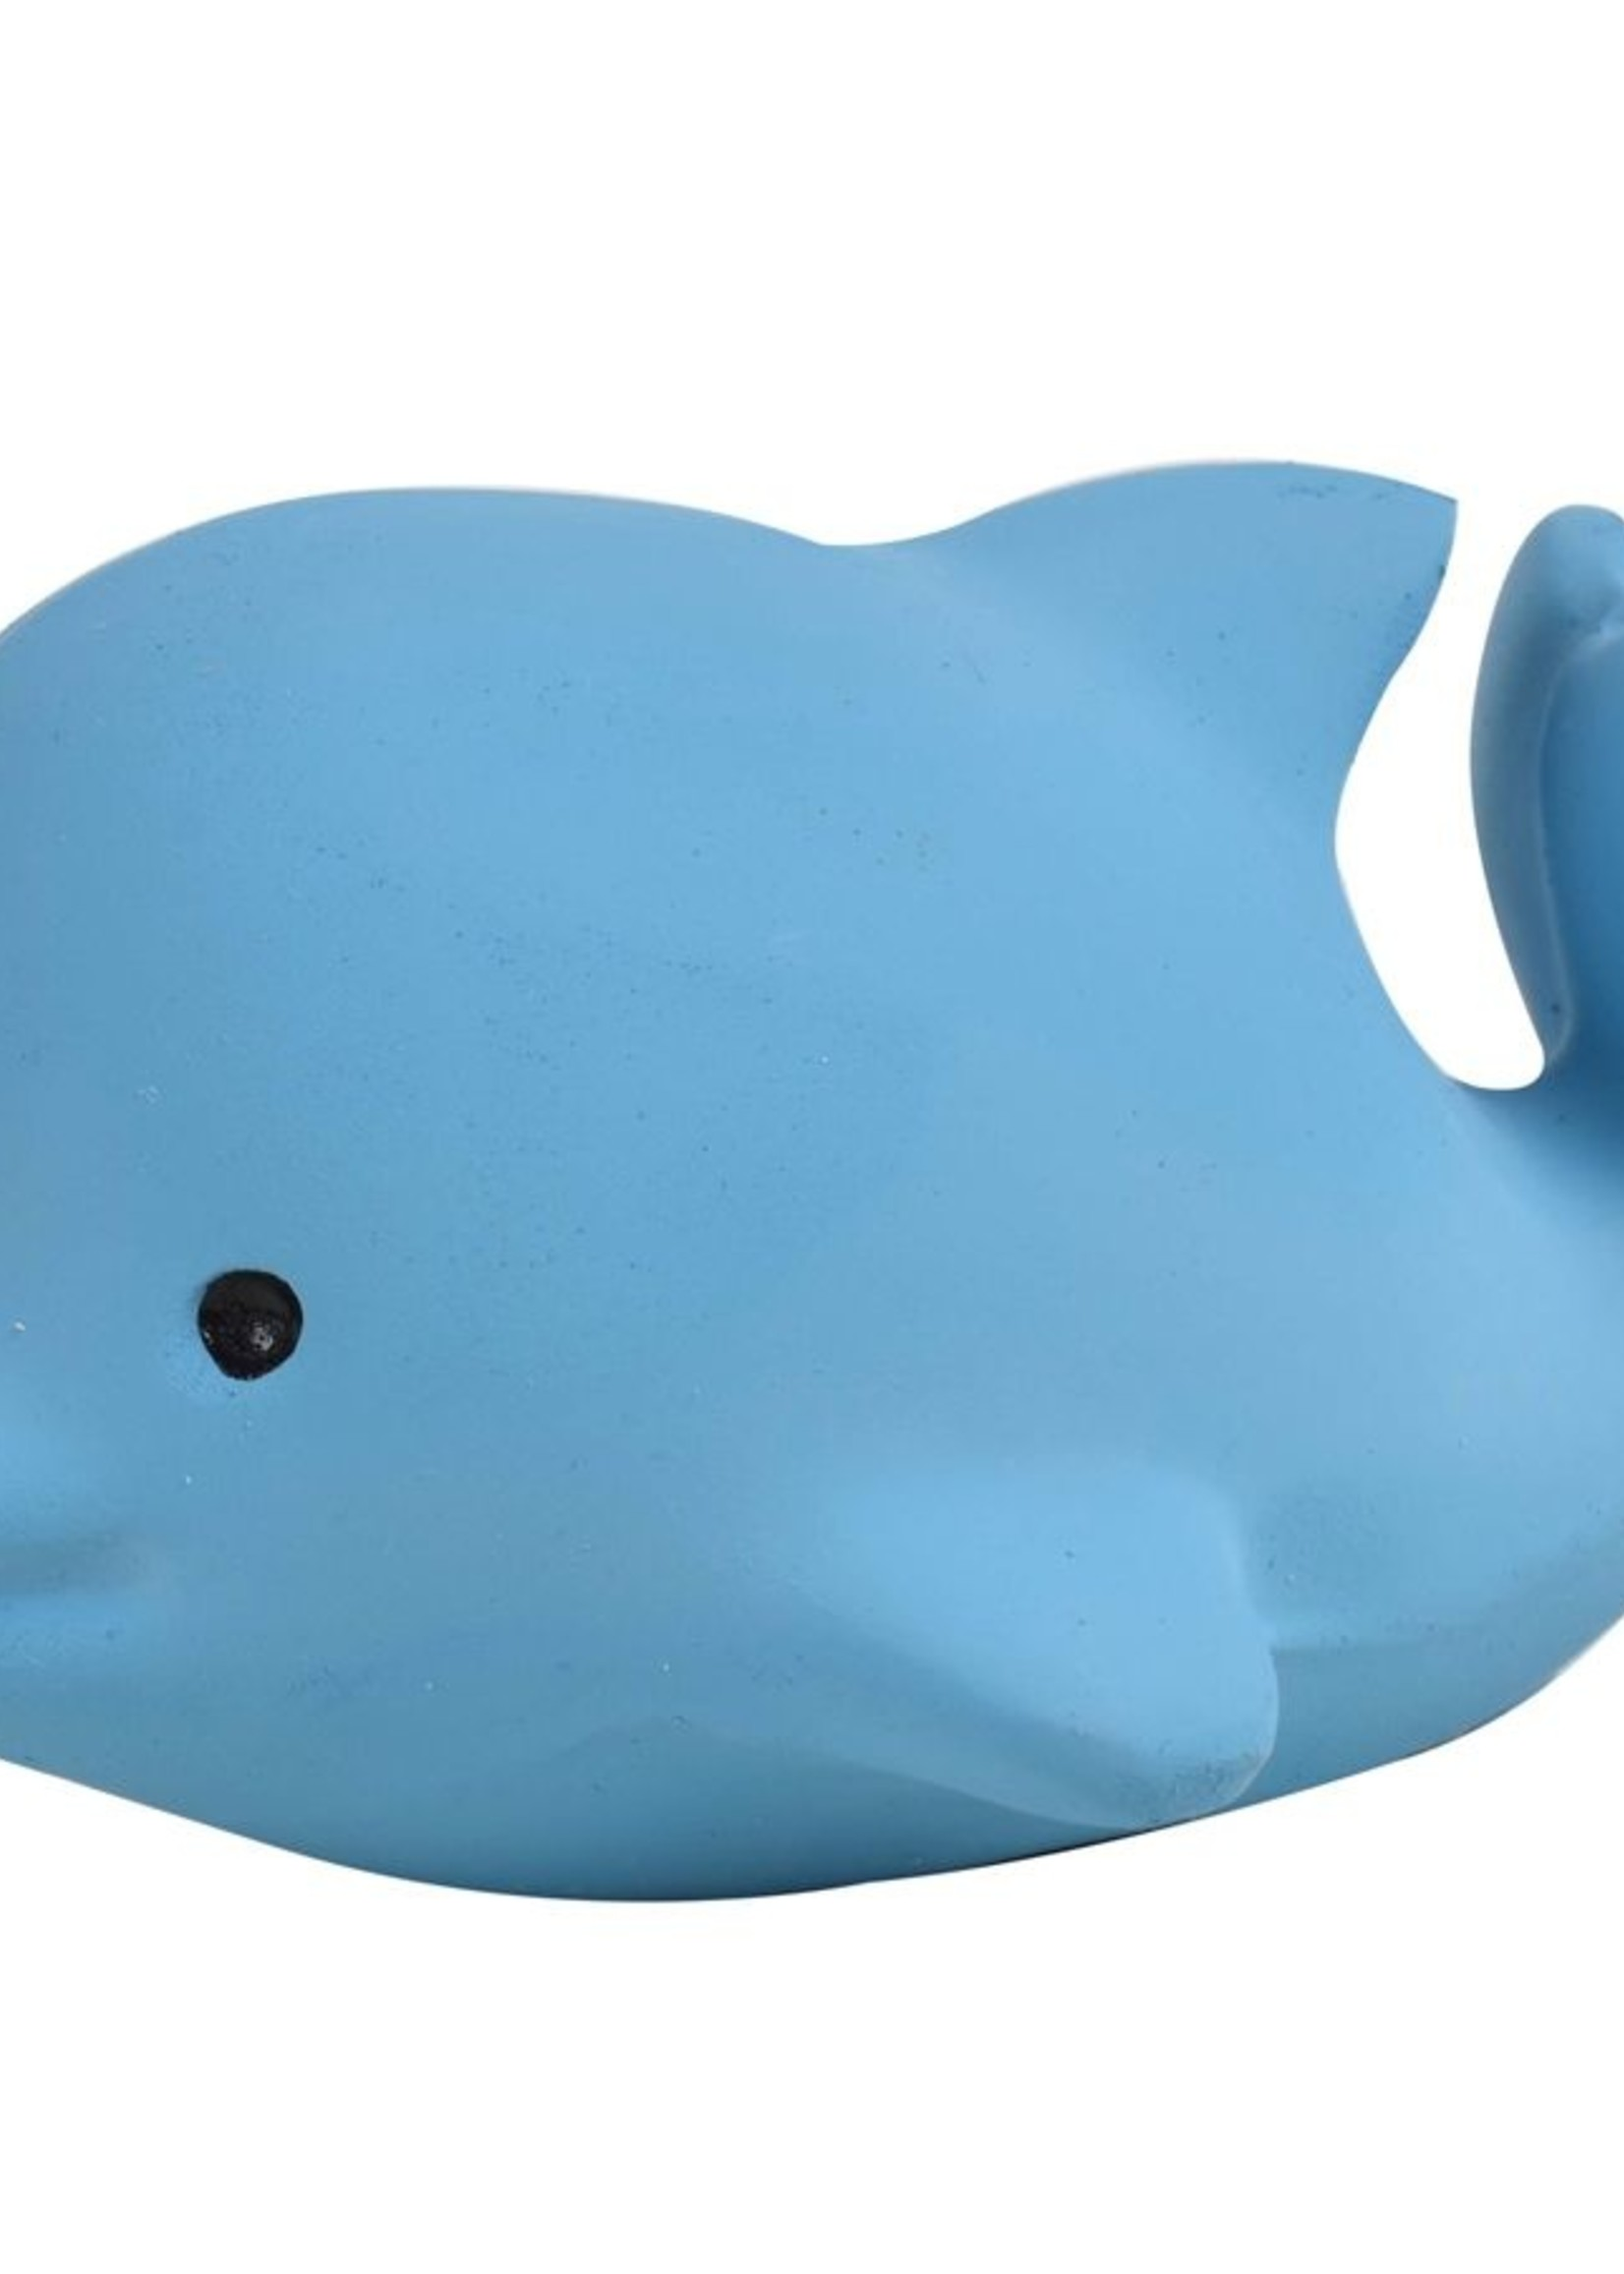 Tikiri Mijn eerste oceaandiertje - Dolfijn